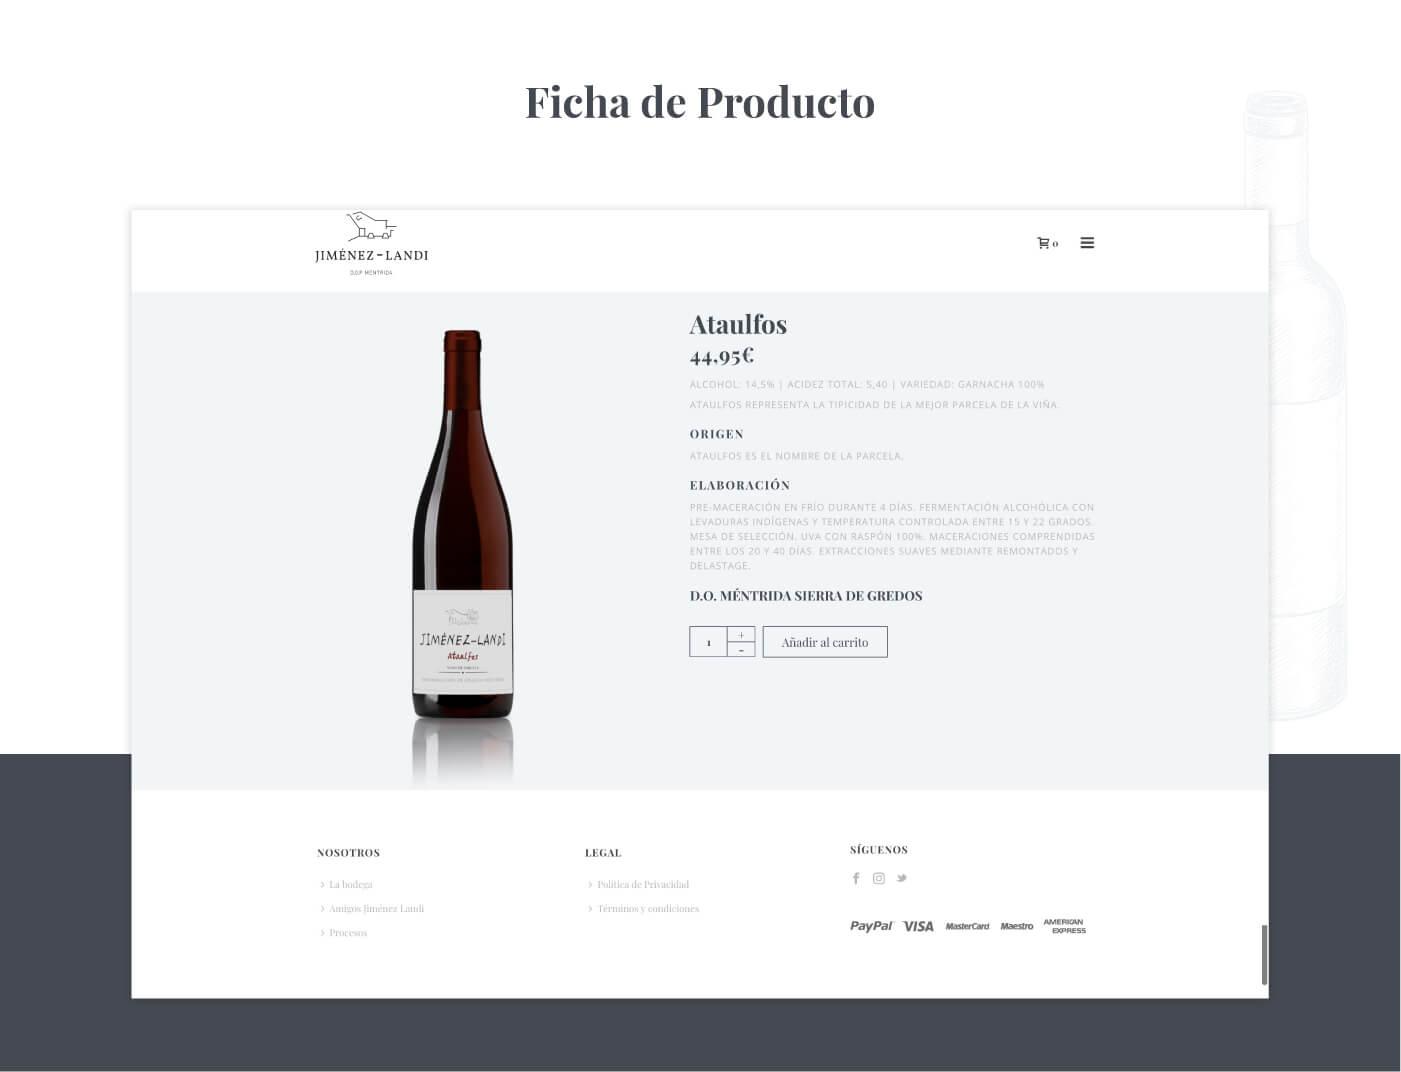 diseno-tienda-online-vinos-wocommerce-ficha-producto